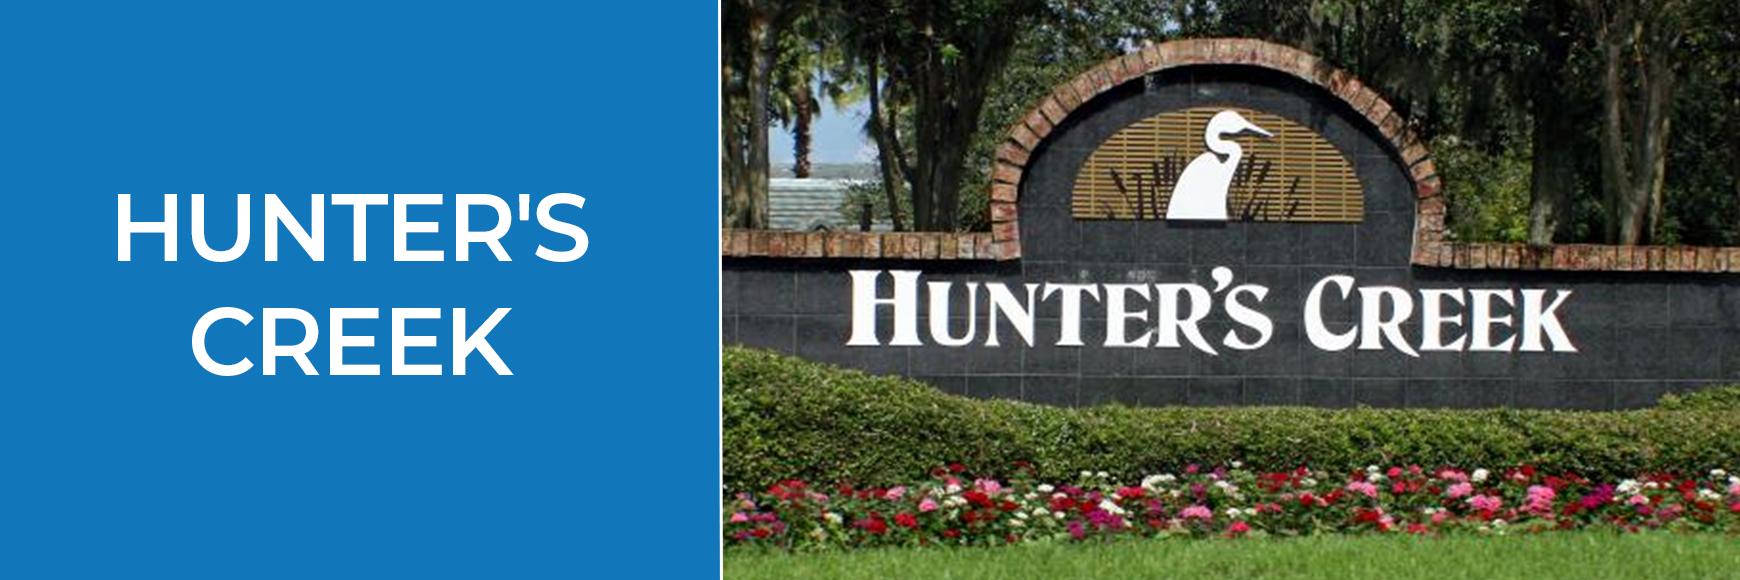 Hunters Creek Orlando-Banner-Orlando Homes Sales